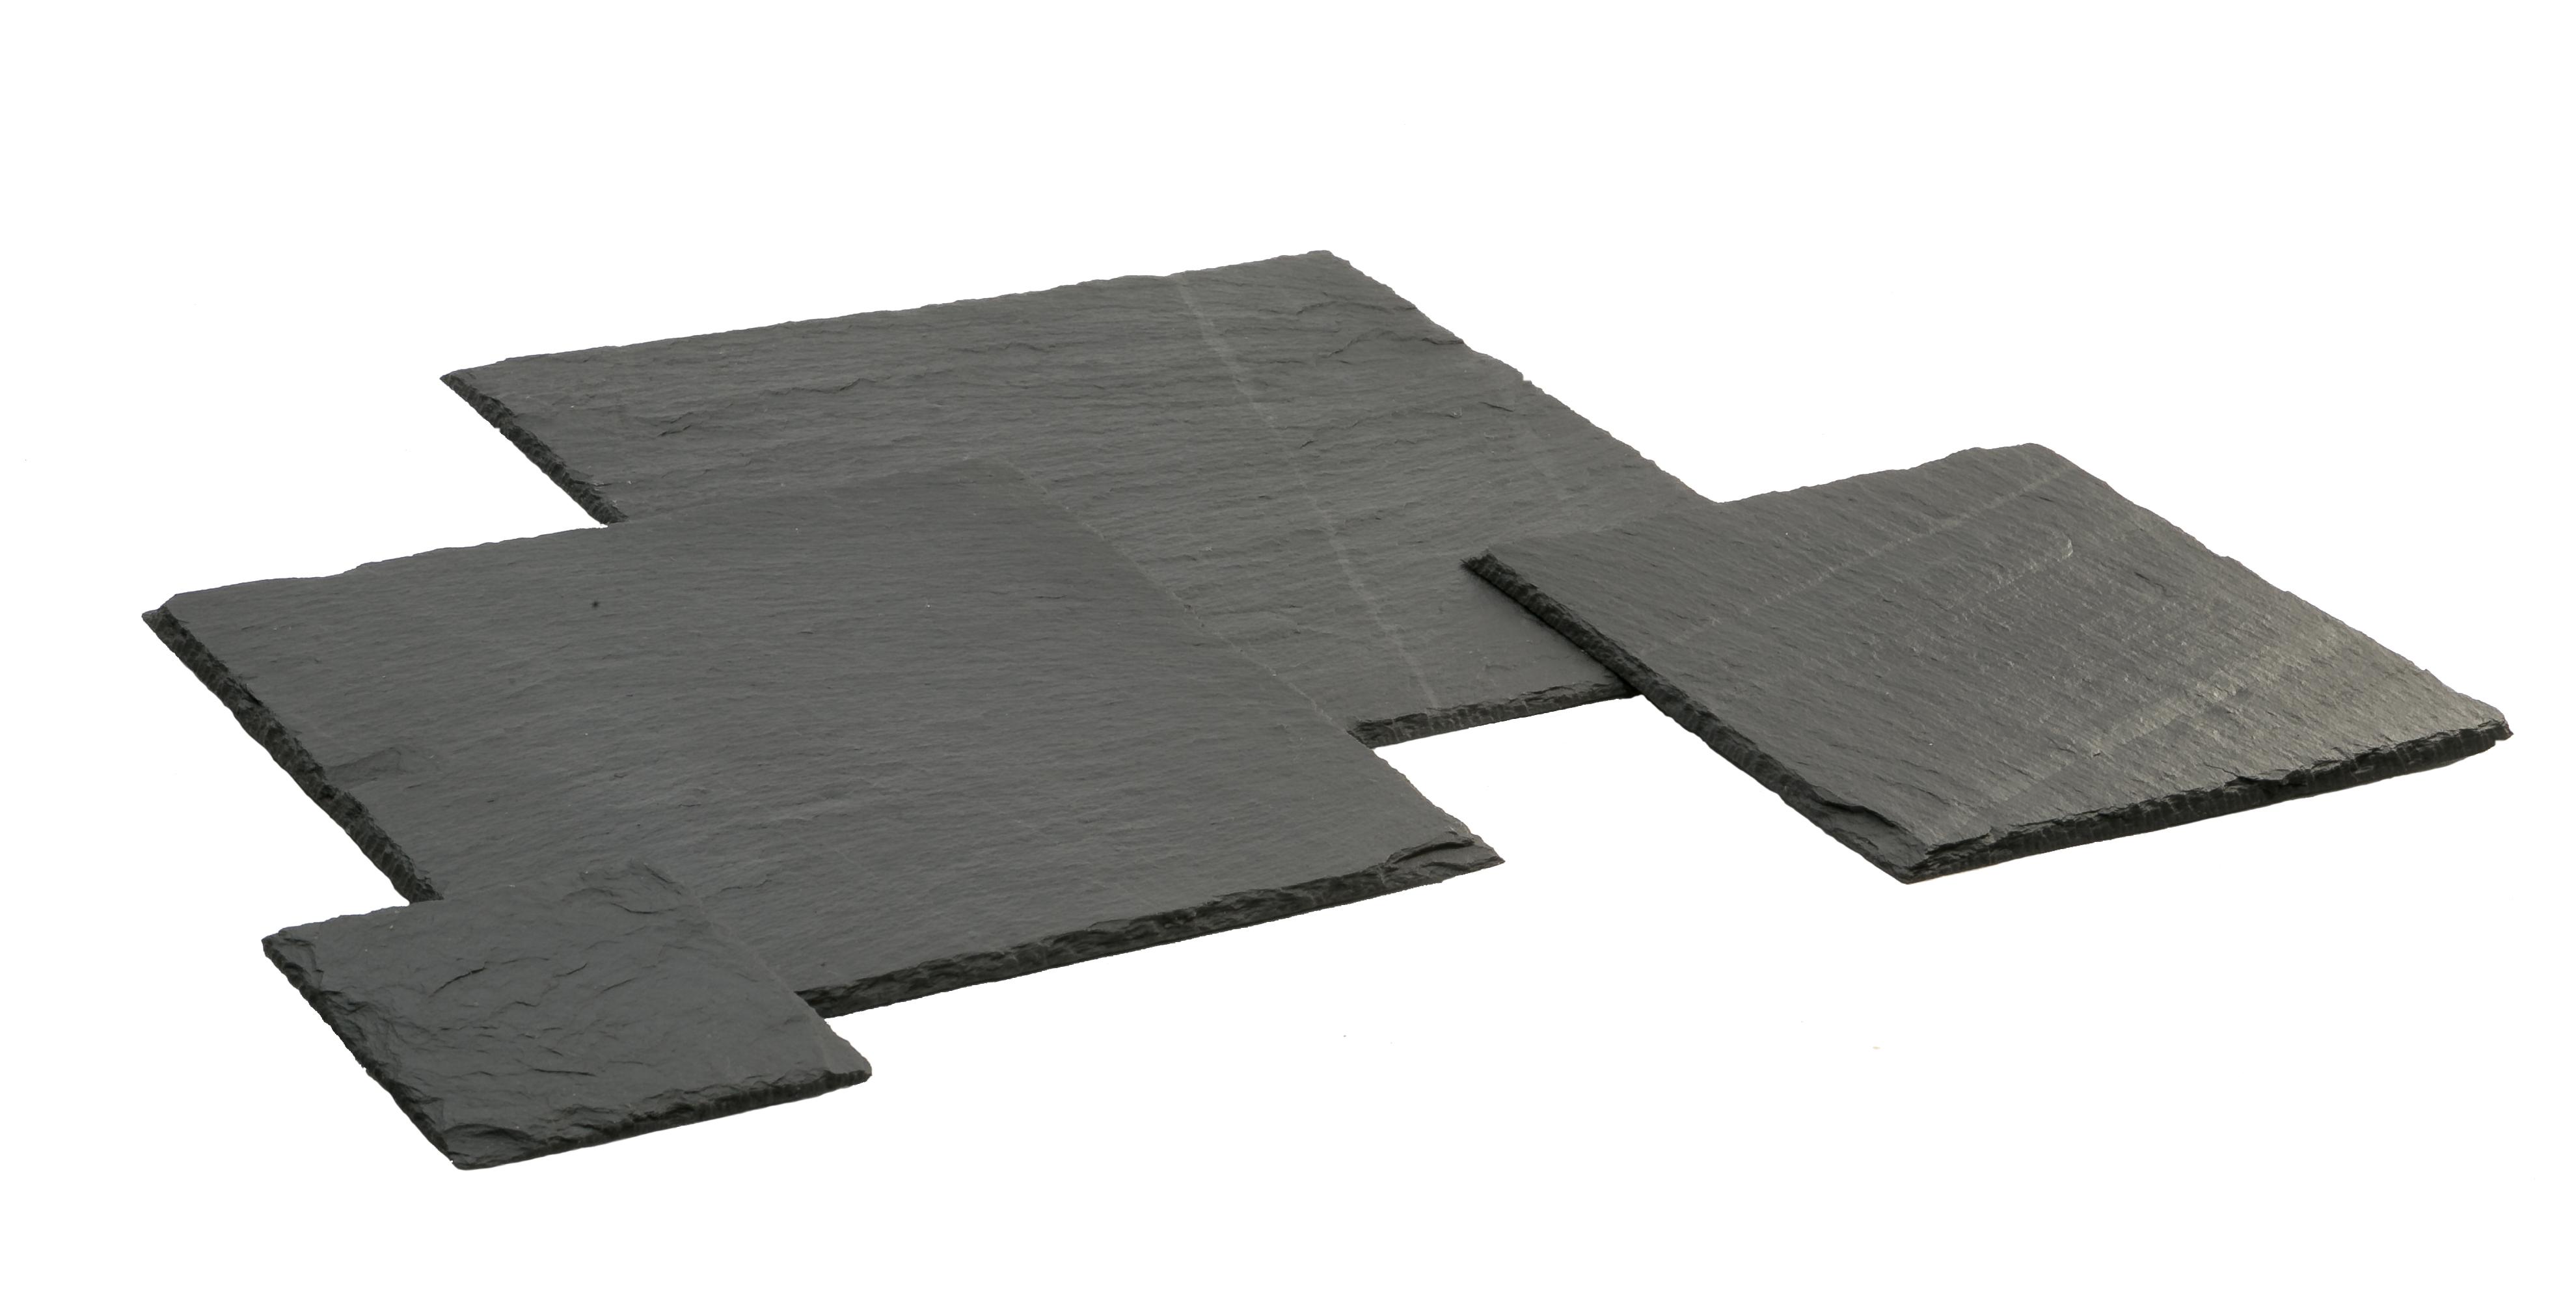 Viereck und Quadrate in verschiedenen Größen